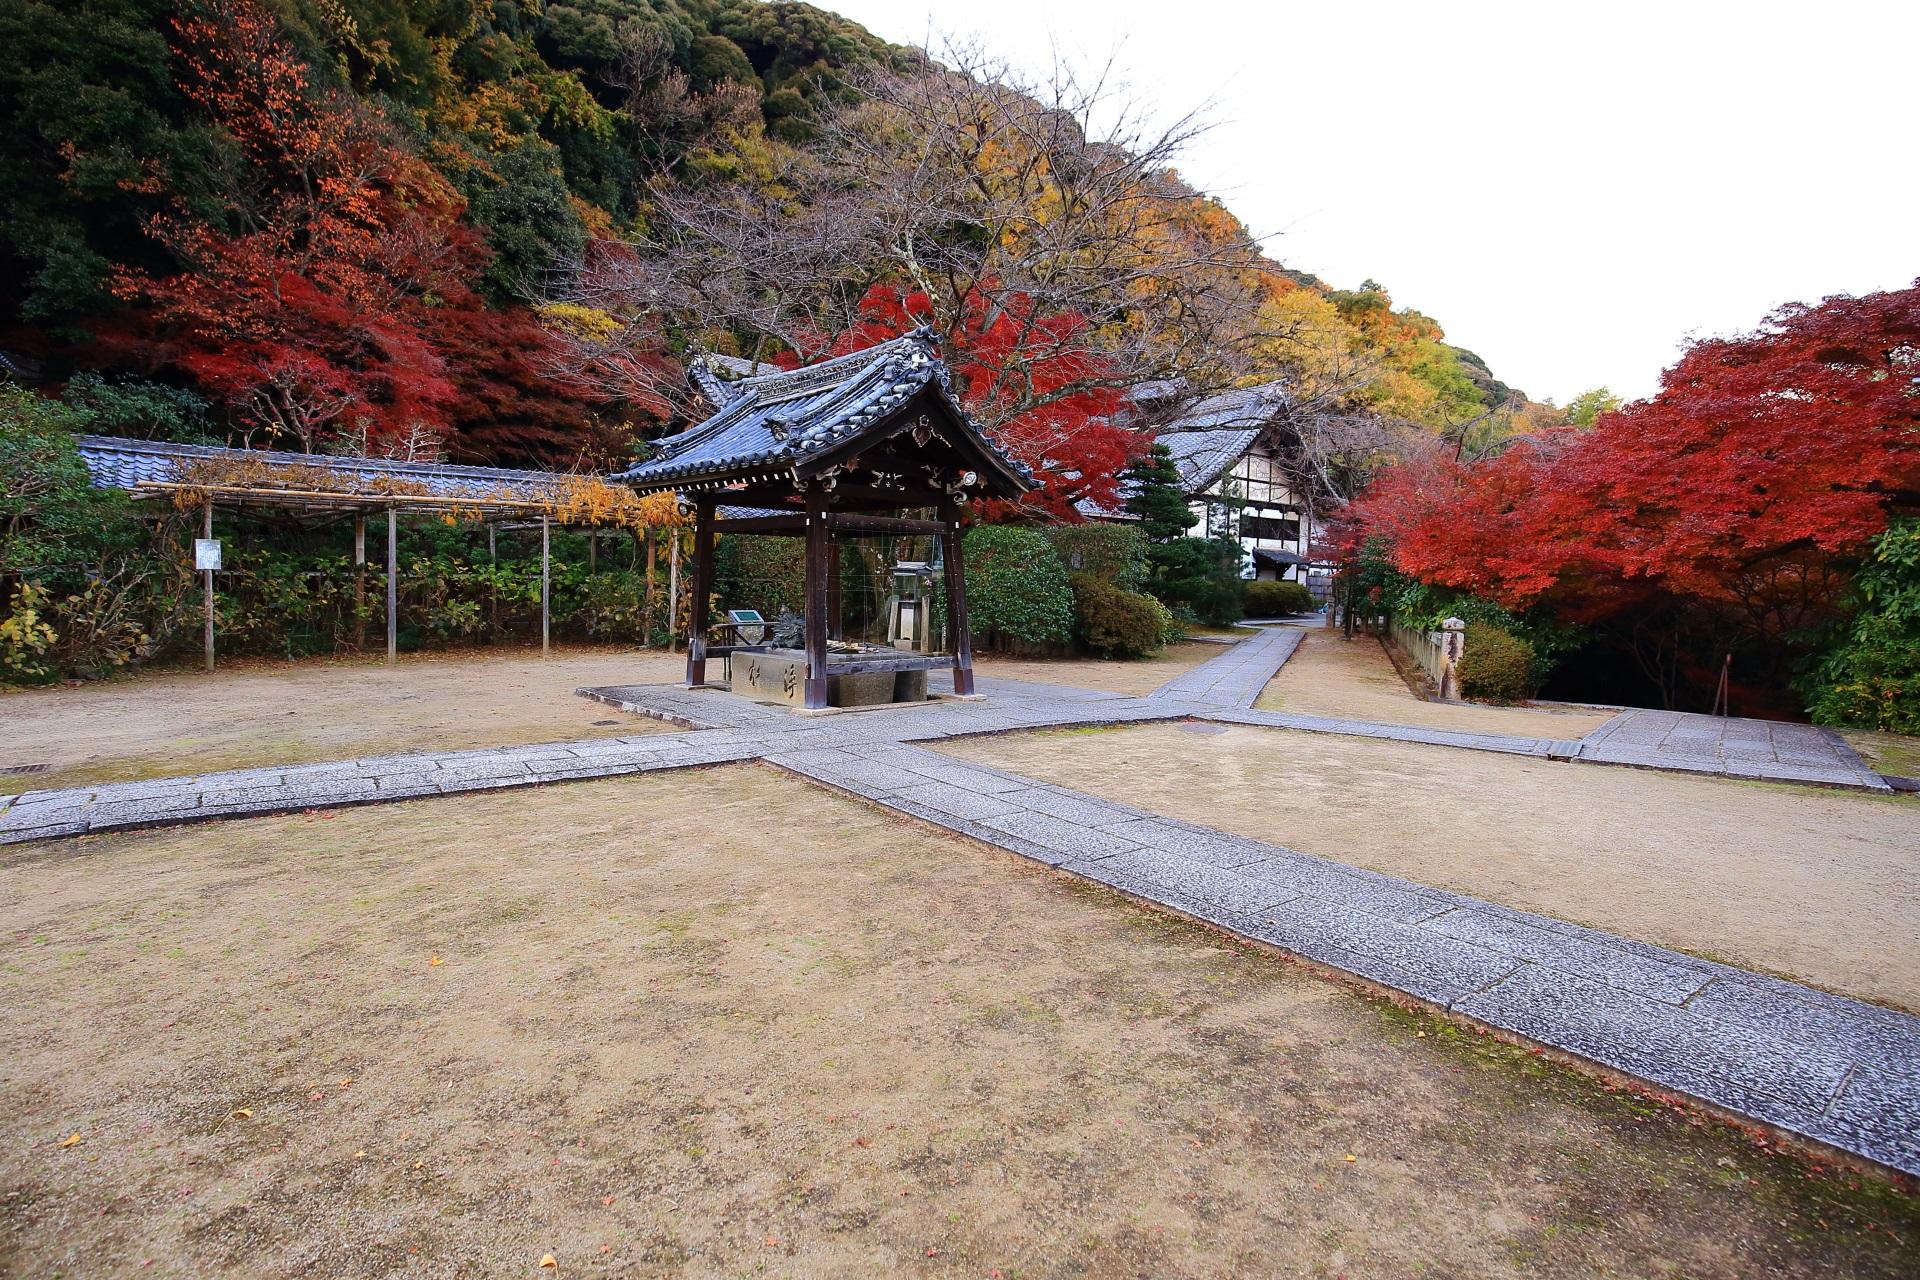 山崎聖天の境内を染める多彩な紅葉